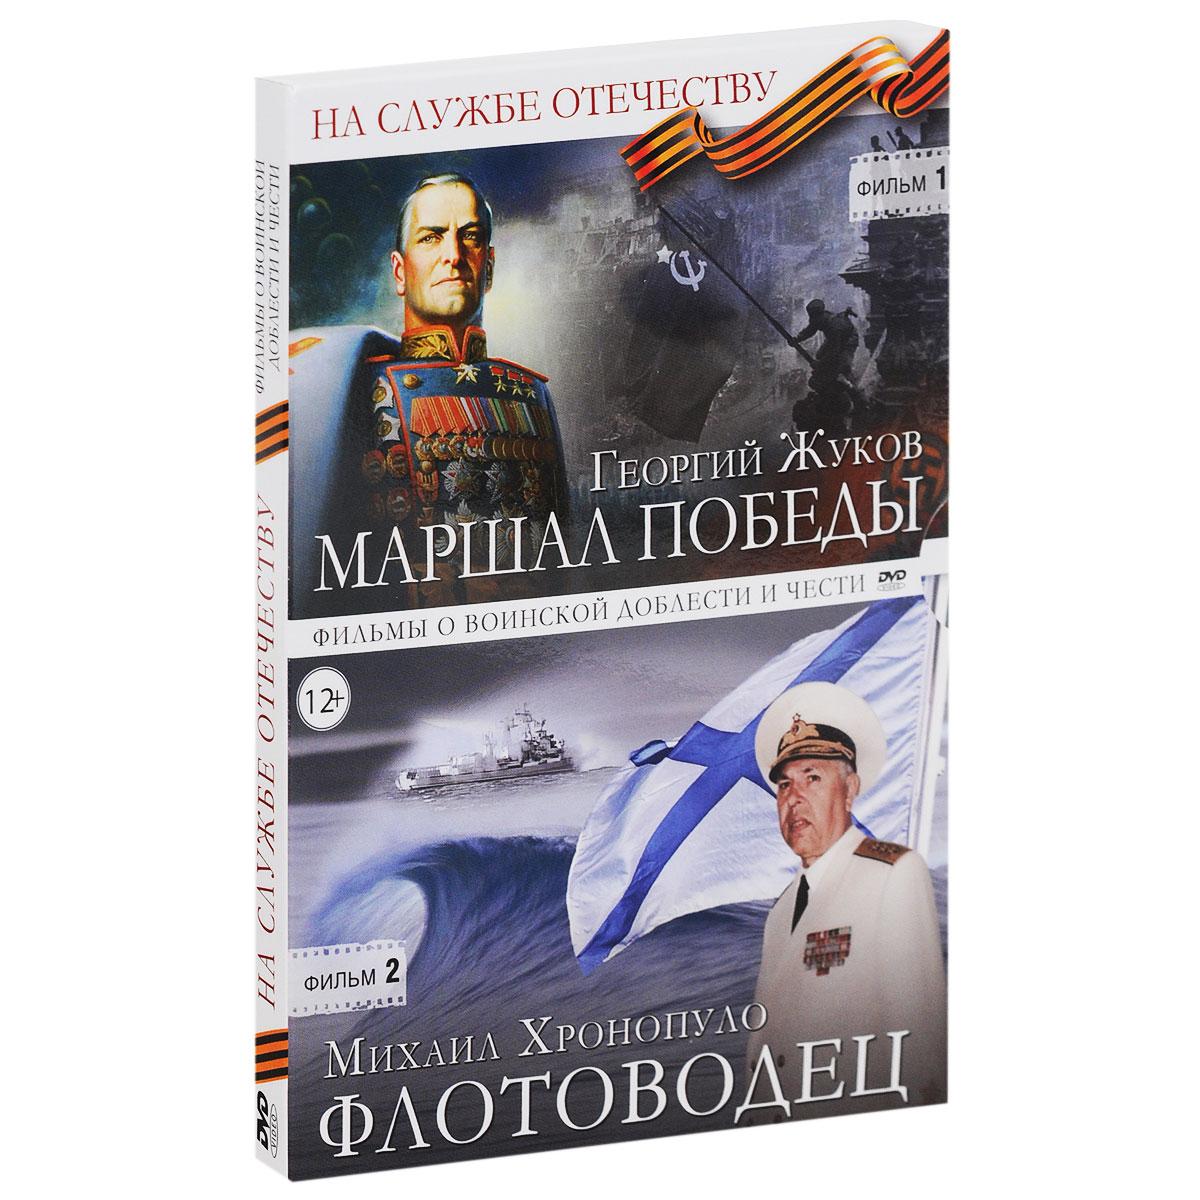 Георгий Жуков: Маршал победы / Михаил Хронопуло: Флотоводец георгий жуков маршал победы